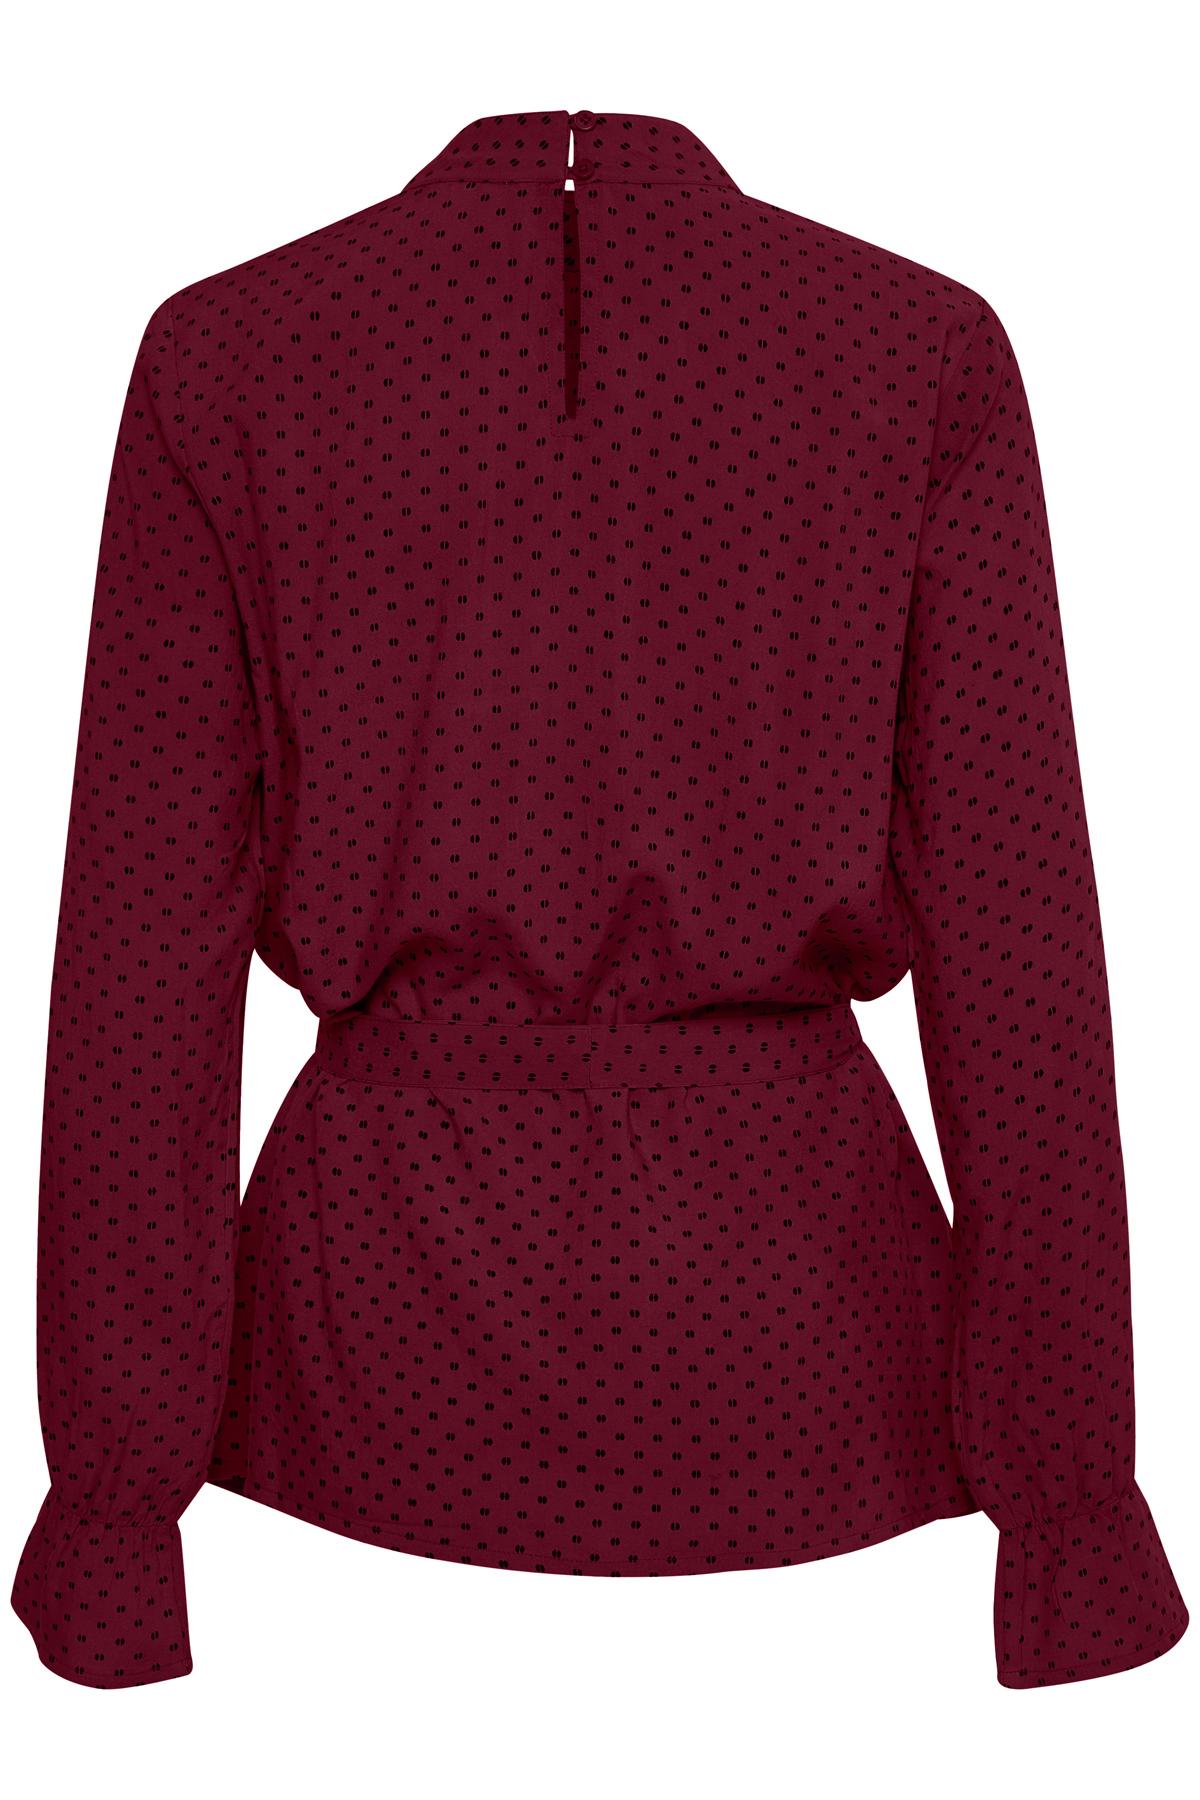 Bordeaux/sort Langærmet bluse fra Bon'A Parte – Køb Bordeaux/sort Langærmet bluse fra str. S-2XL her